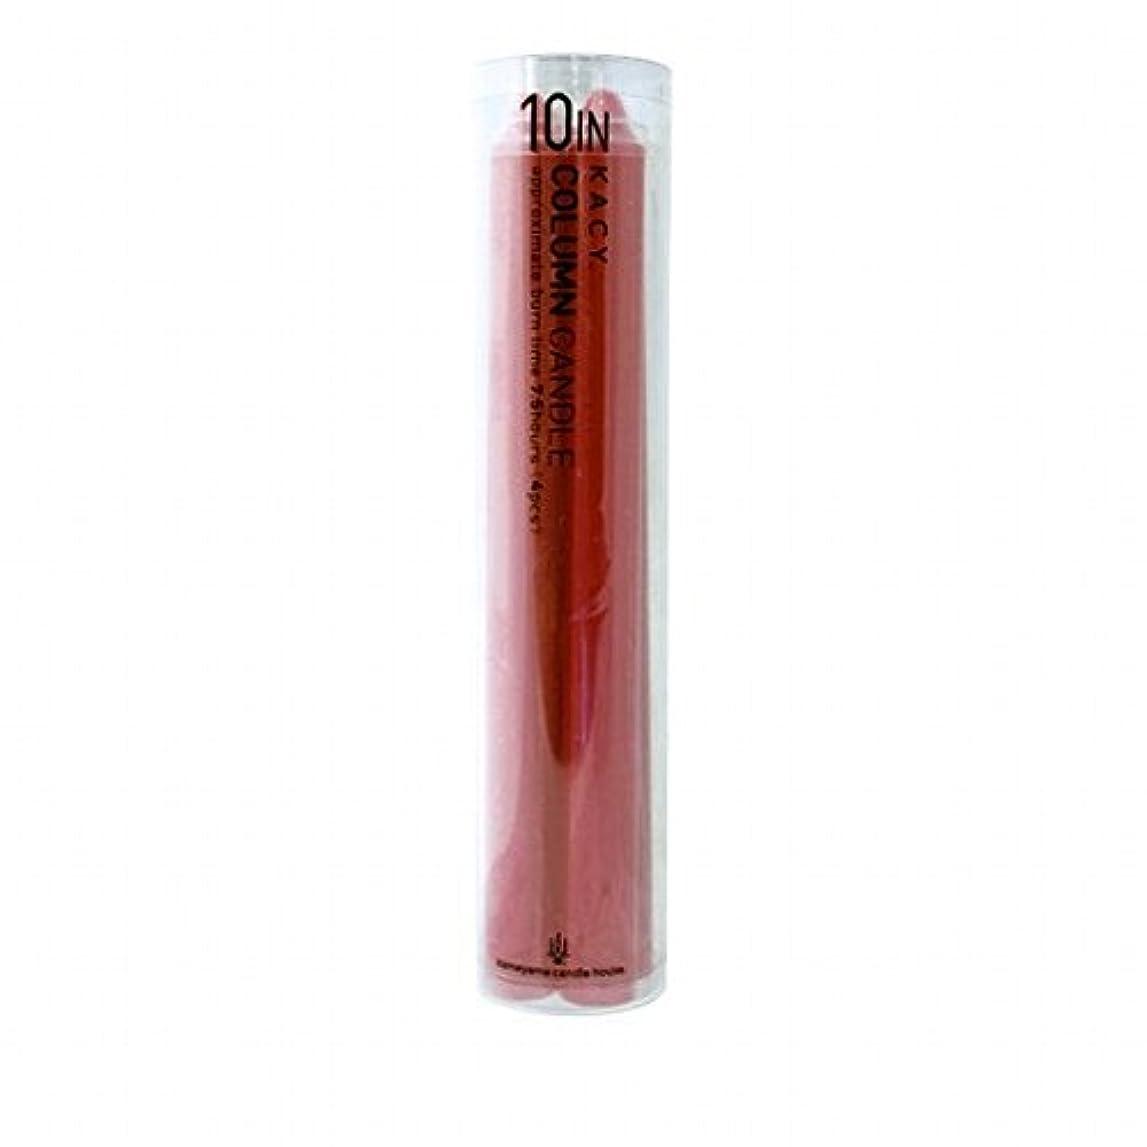 類似性ランドマーク現象カメヤマキャンドル(kameyama candle) 10インチコラムキャンドル4本入り 「 レッド 」